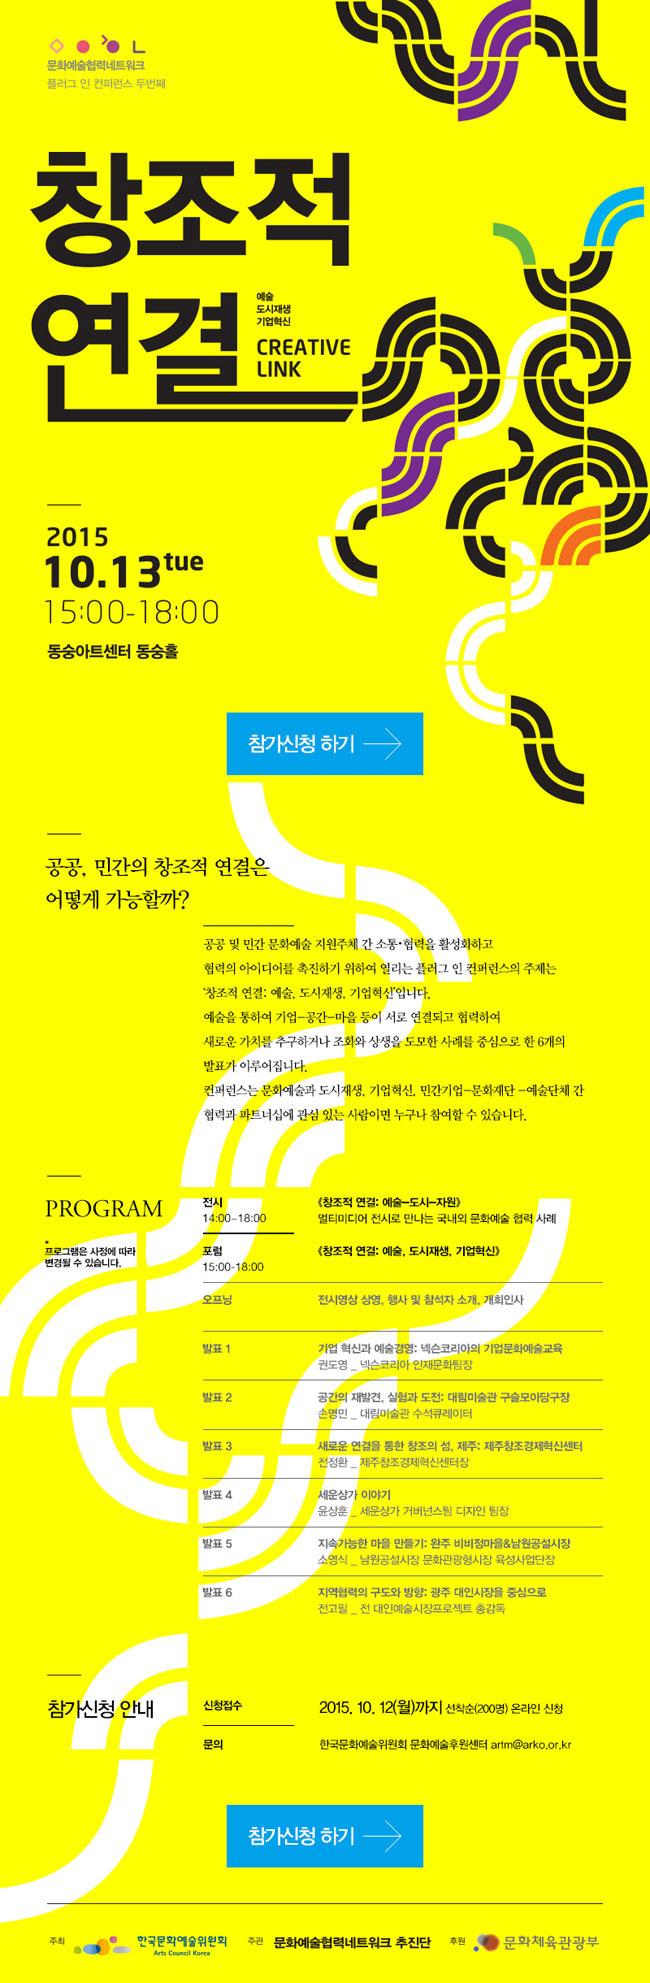 [문화예술협력네트워크]_플러그 인 컨퍼런스 두번째 창조적 연결_creative link 개최 안내